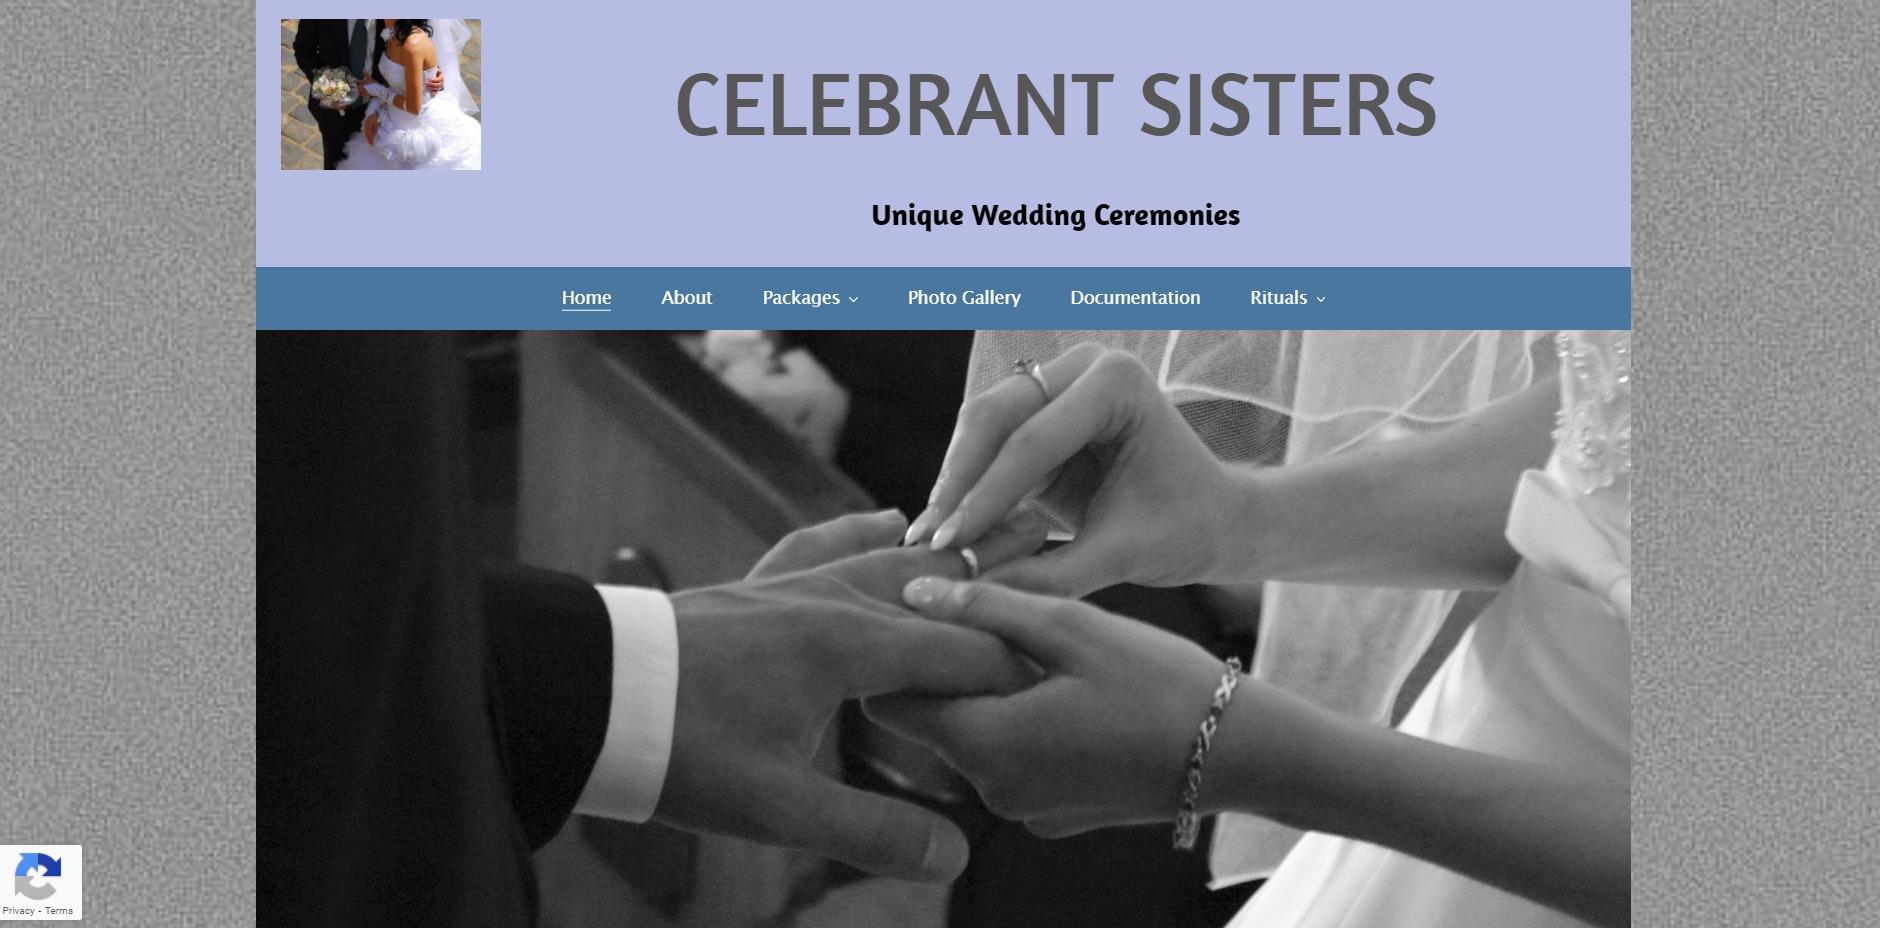 Celebrant Sisters